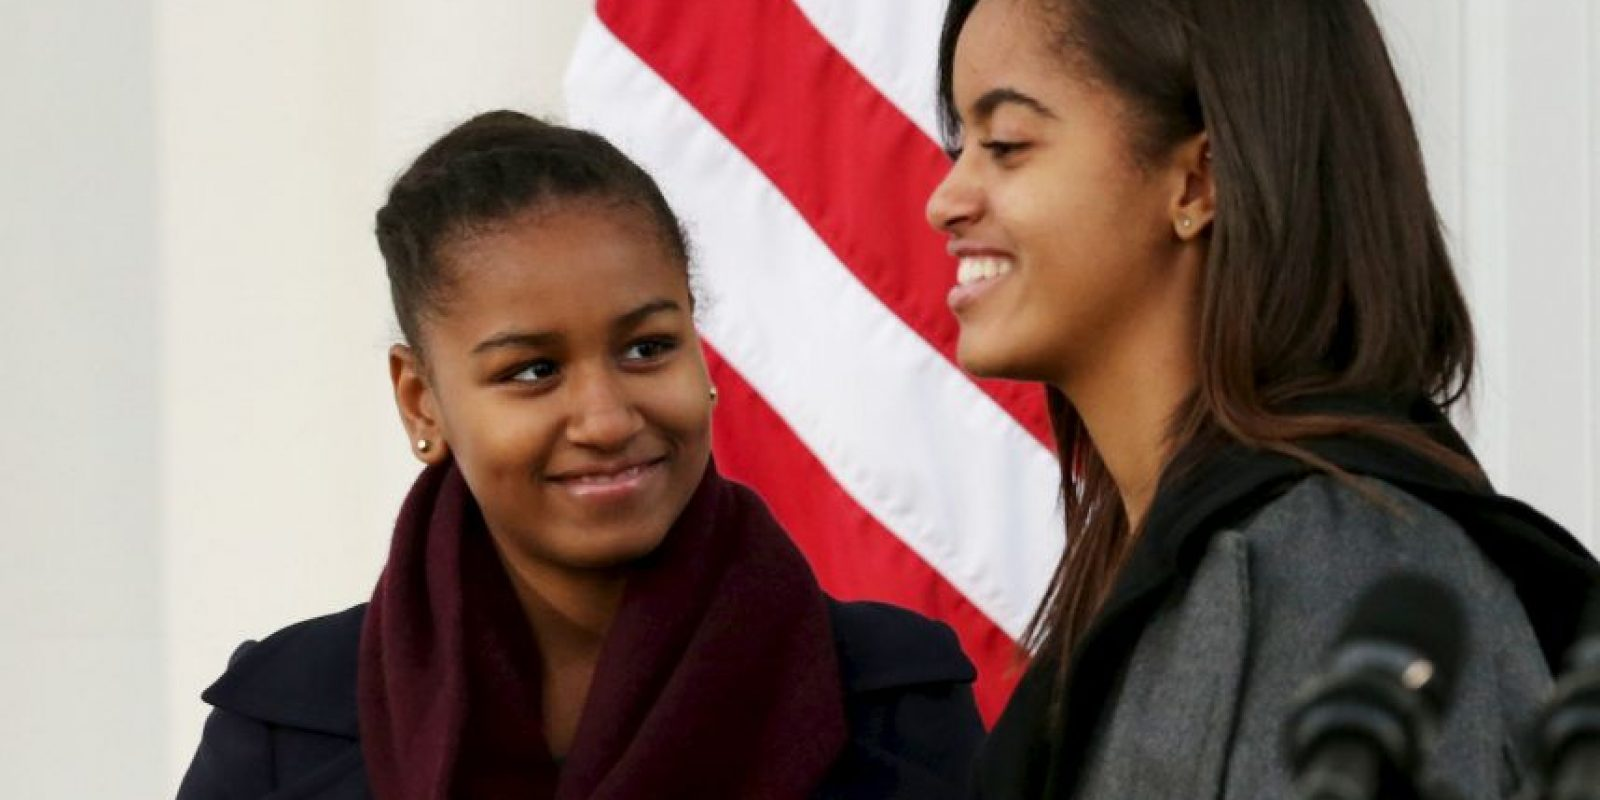 2. Sasha y Malia Obama- Las hijas del presidente de Estados Unidos, Barack Obama tienen 13 y 17 años respectivamente. Foto:Getty